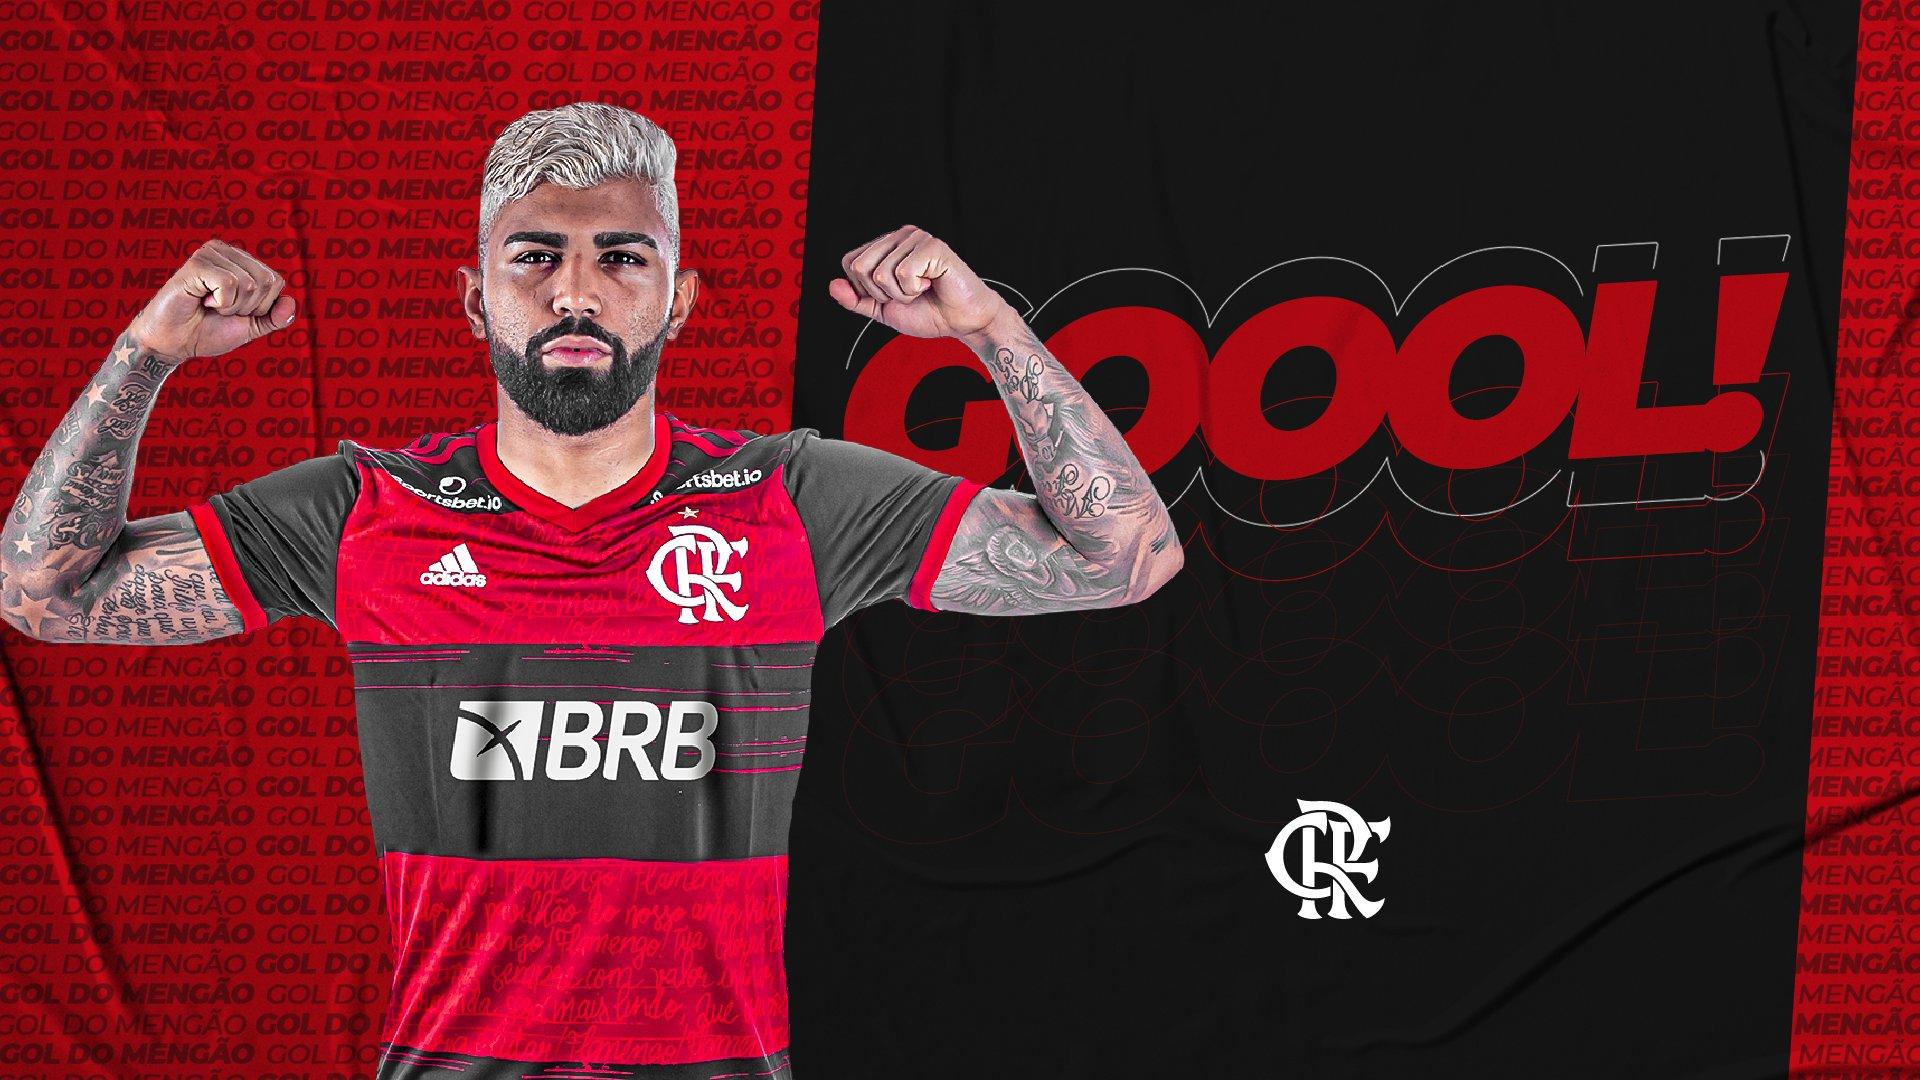 GOOOOOOOOOOOOOOL! Gabigol coloca o Flamengo na frente do placar!